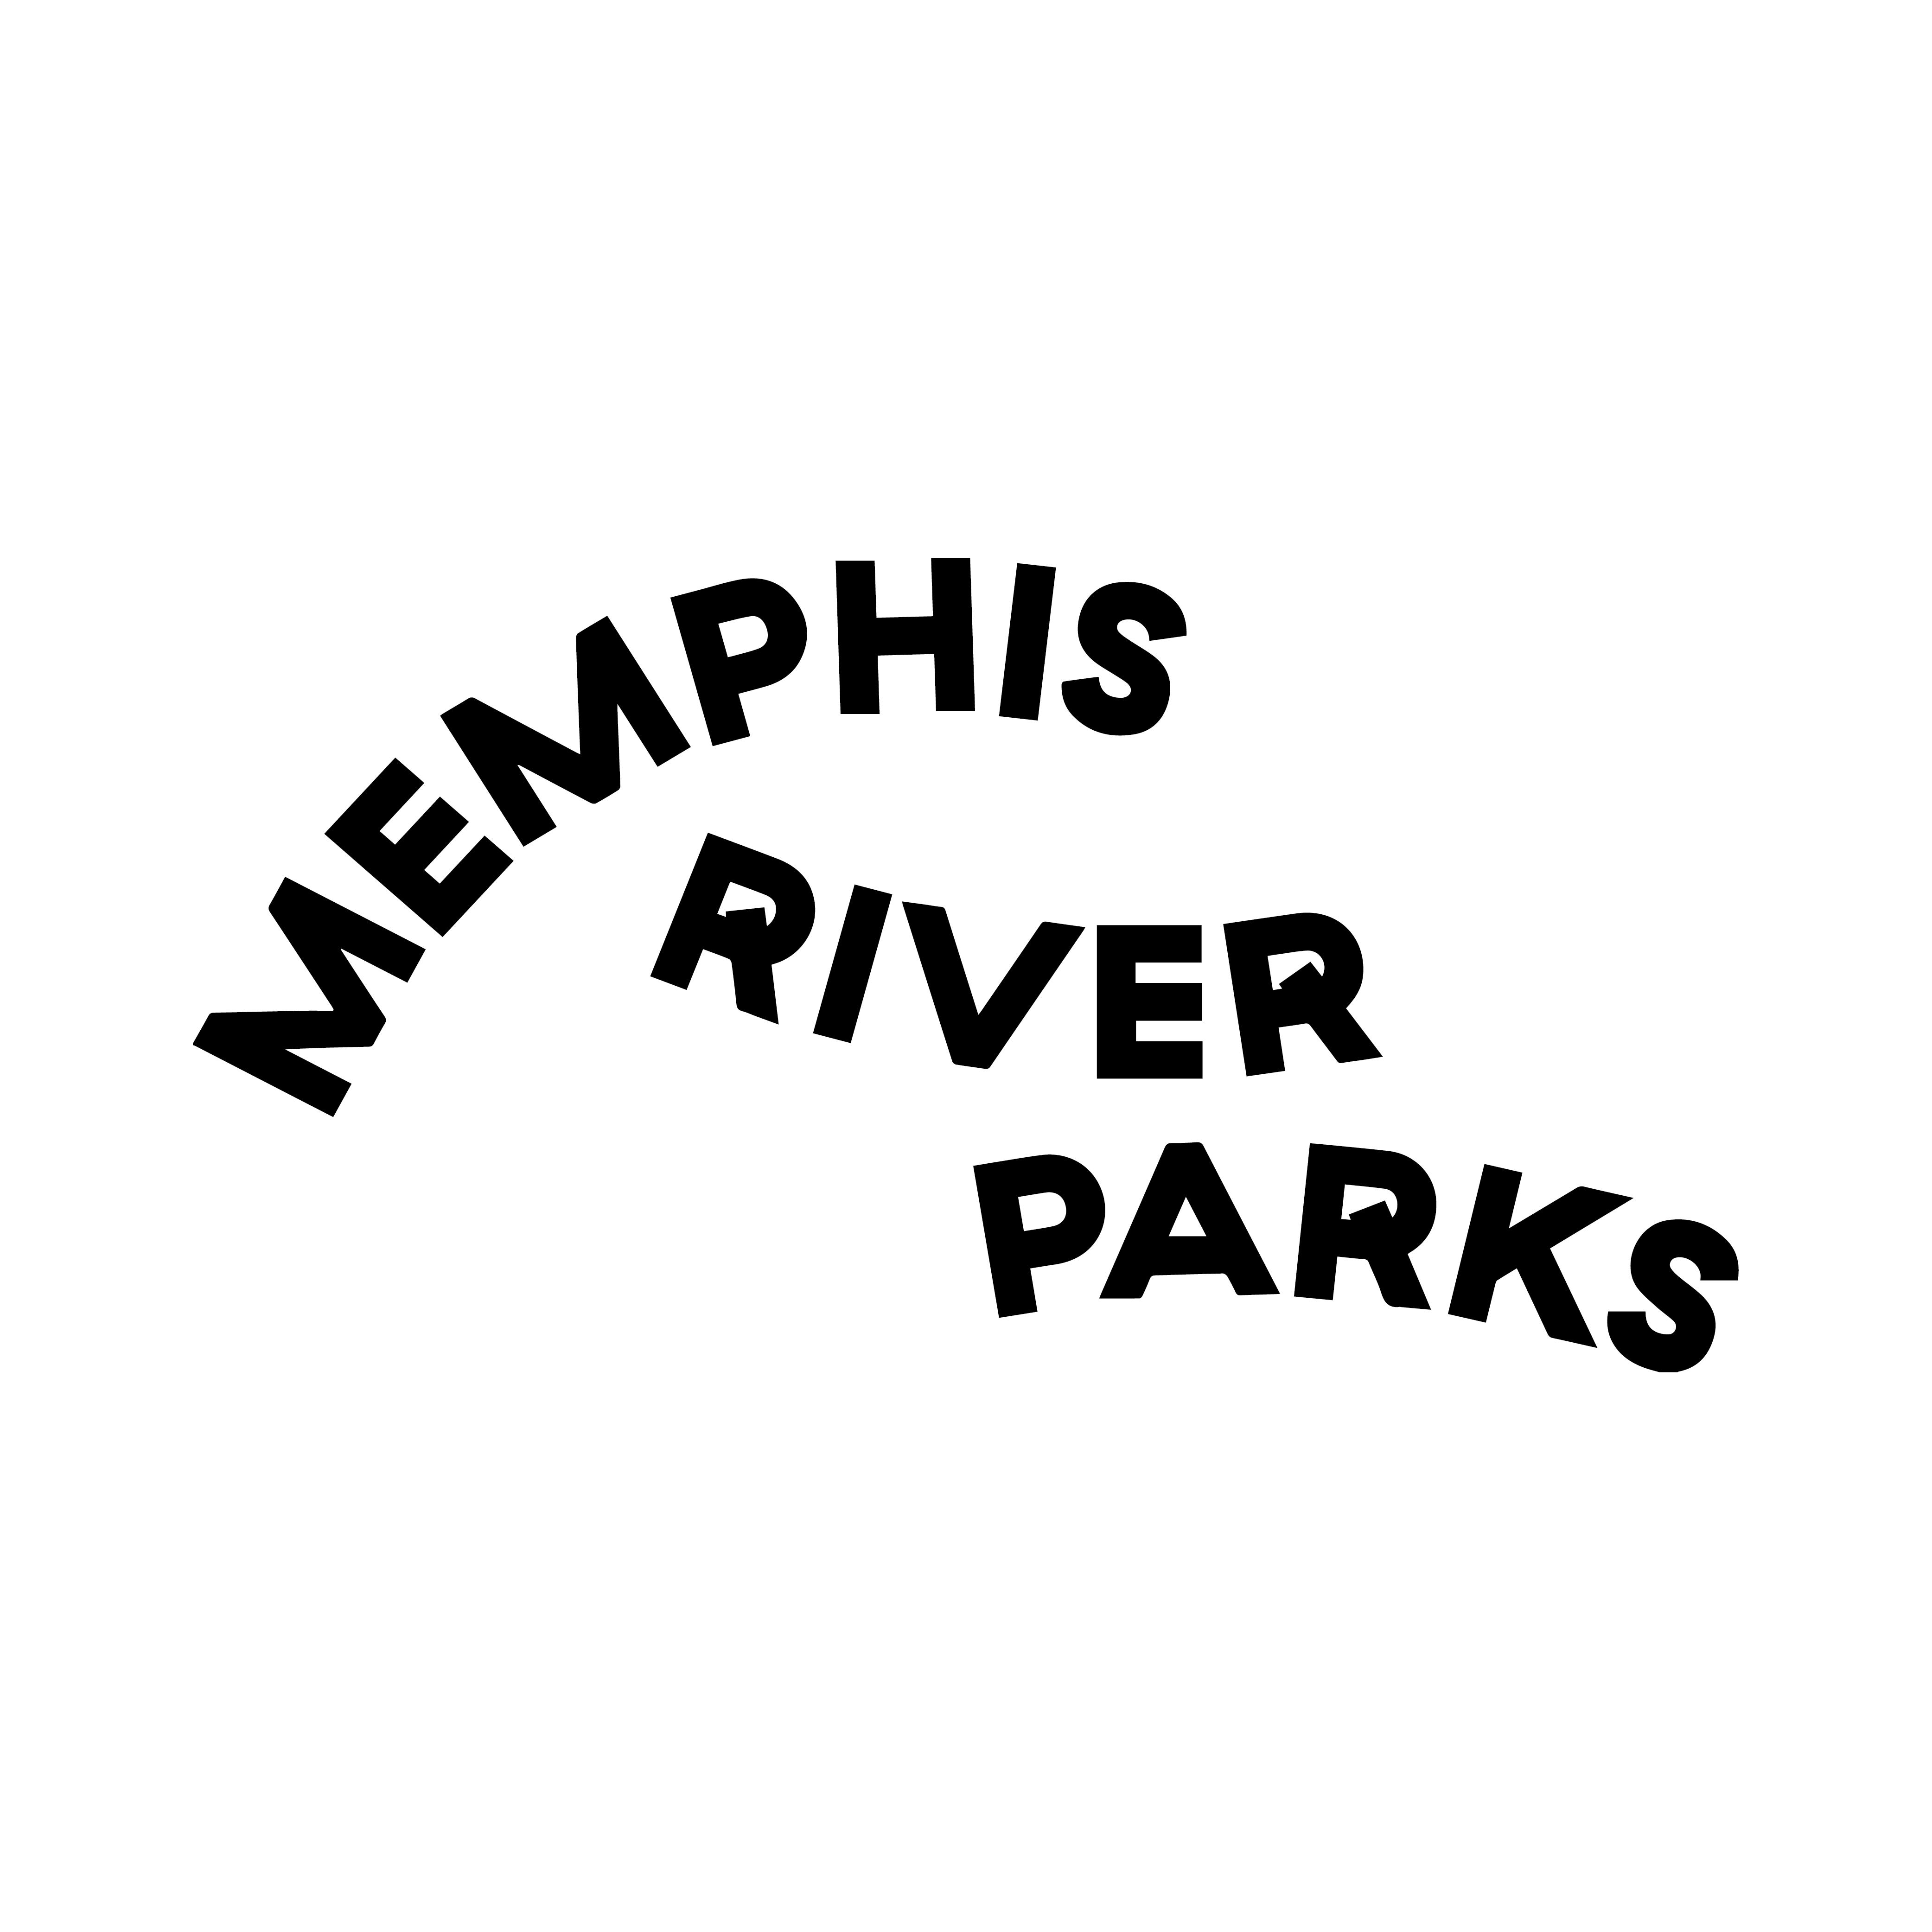 Memphis River Parks